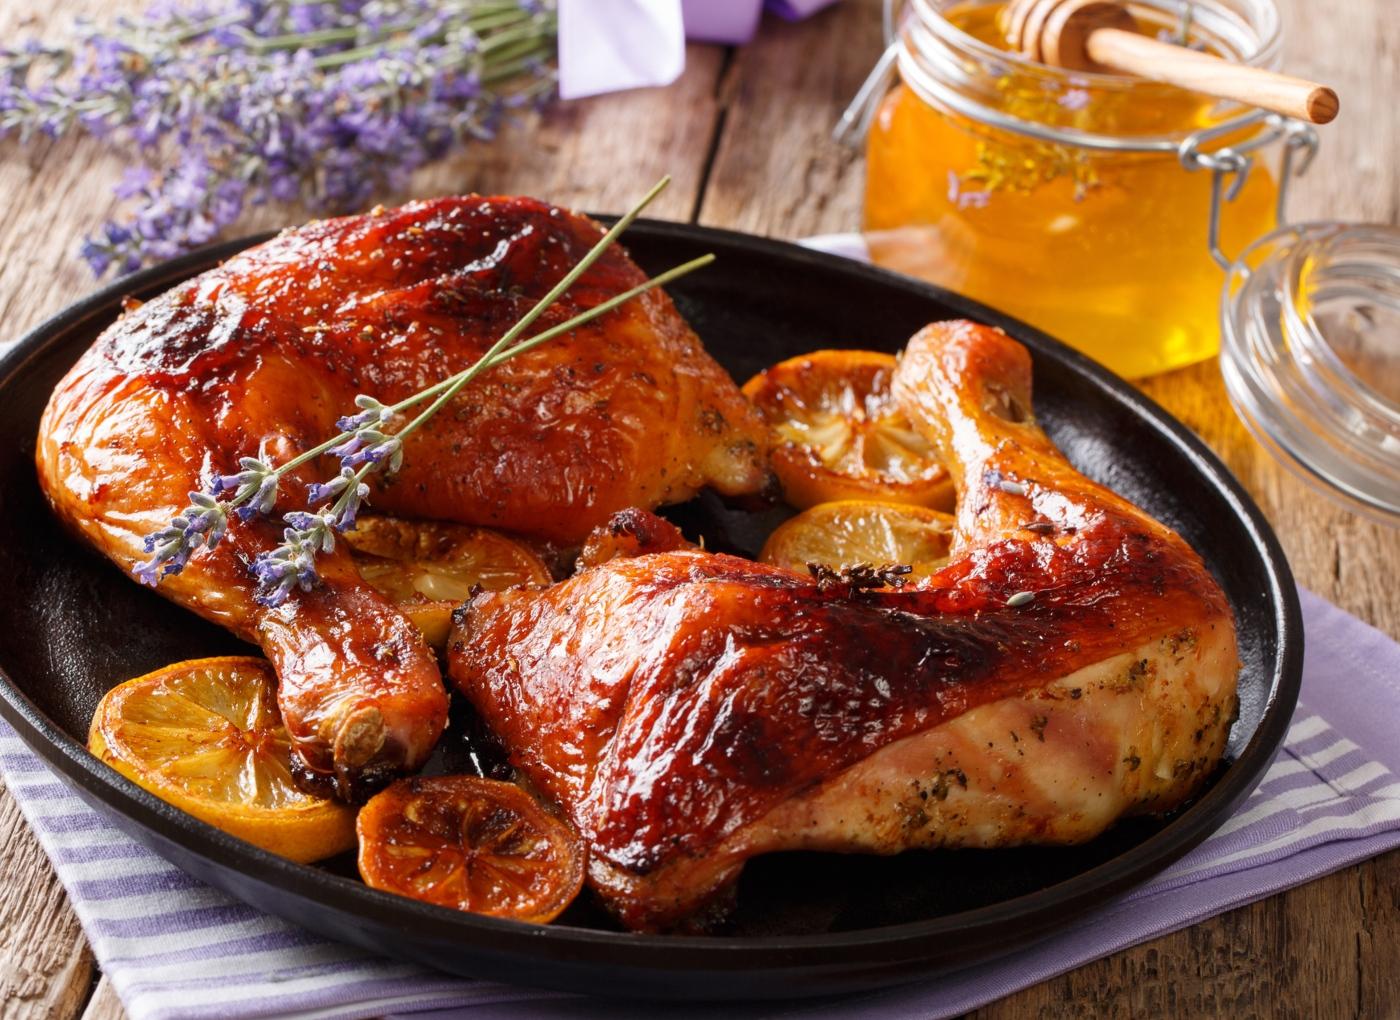 Peito de frango no forno: 4 sugestões apetitosas